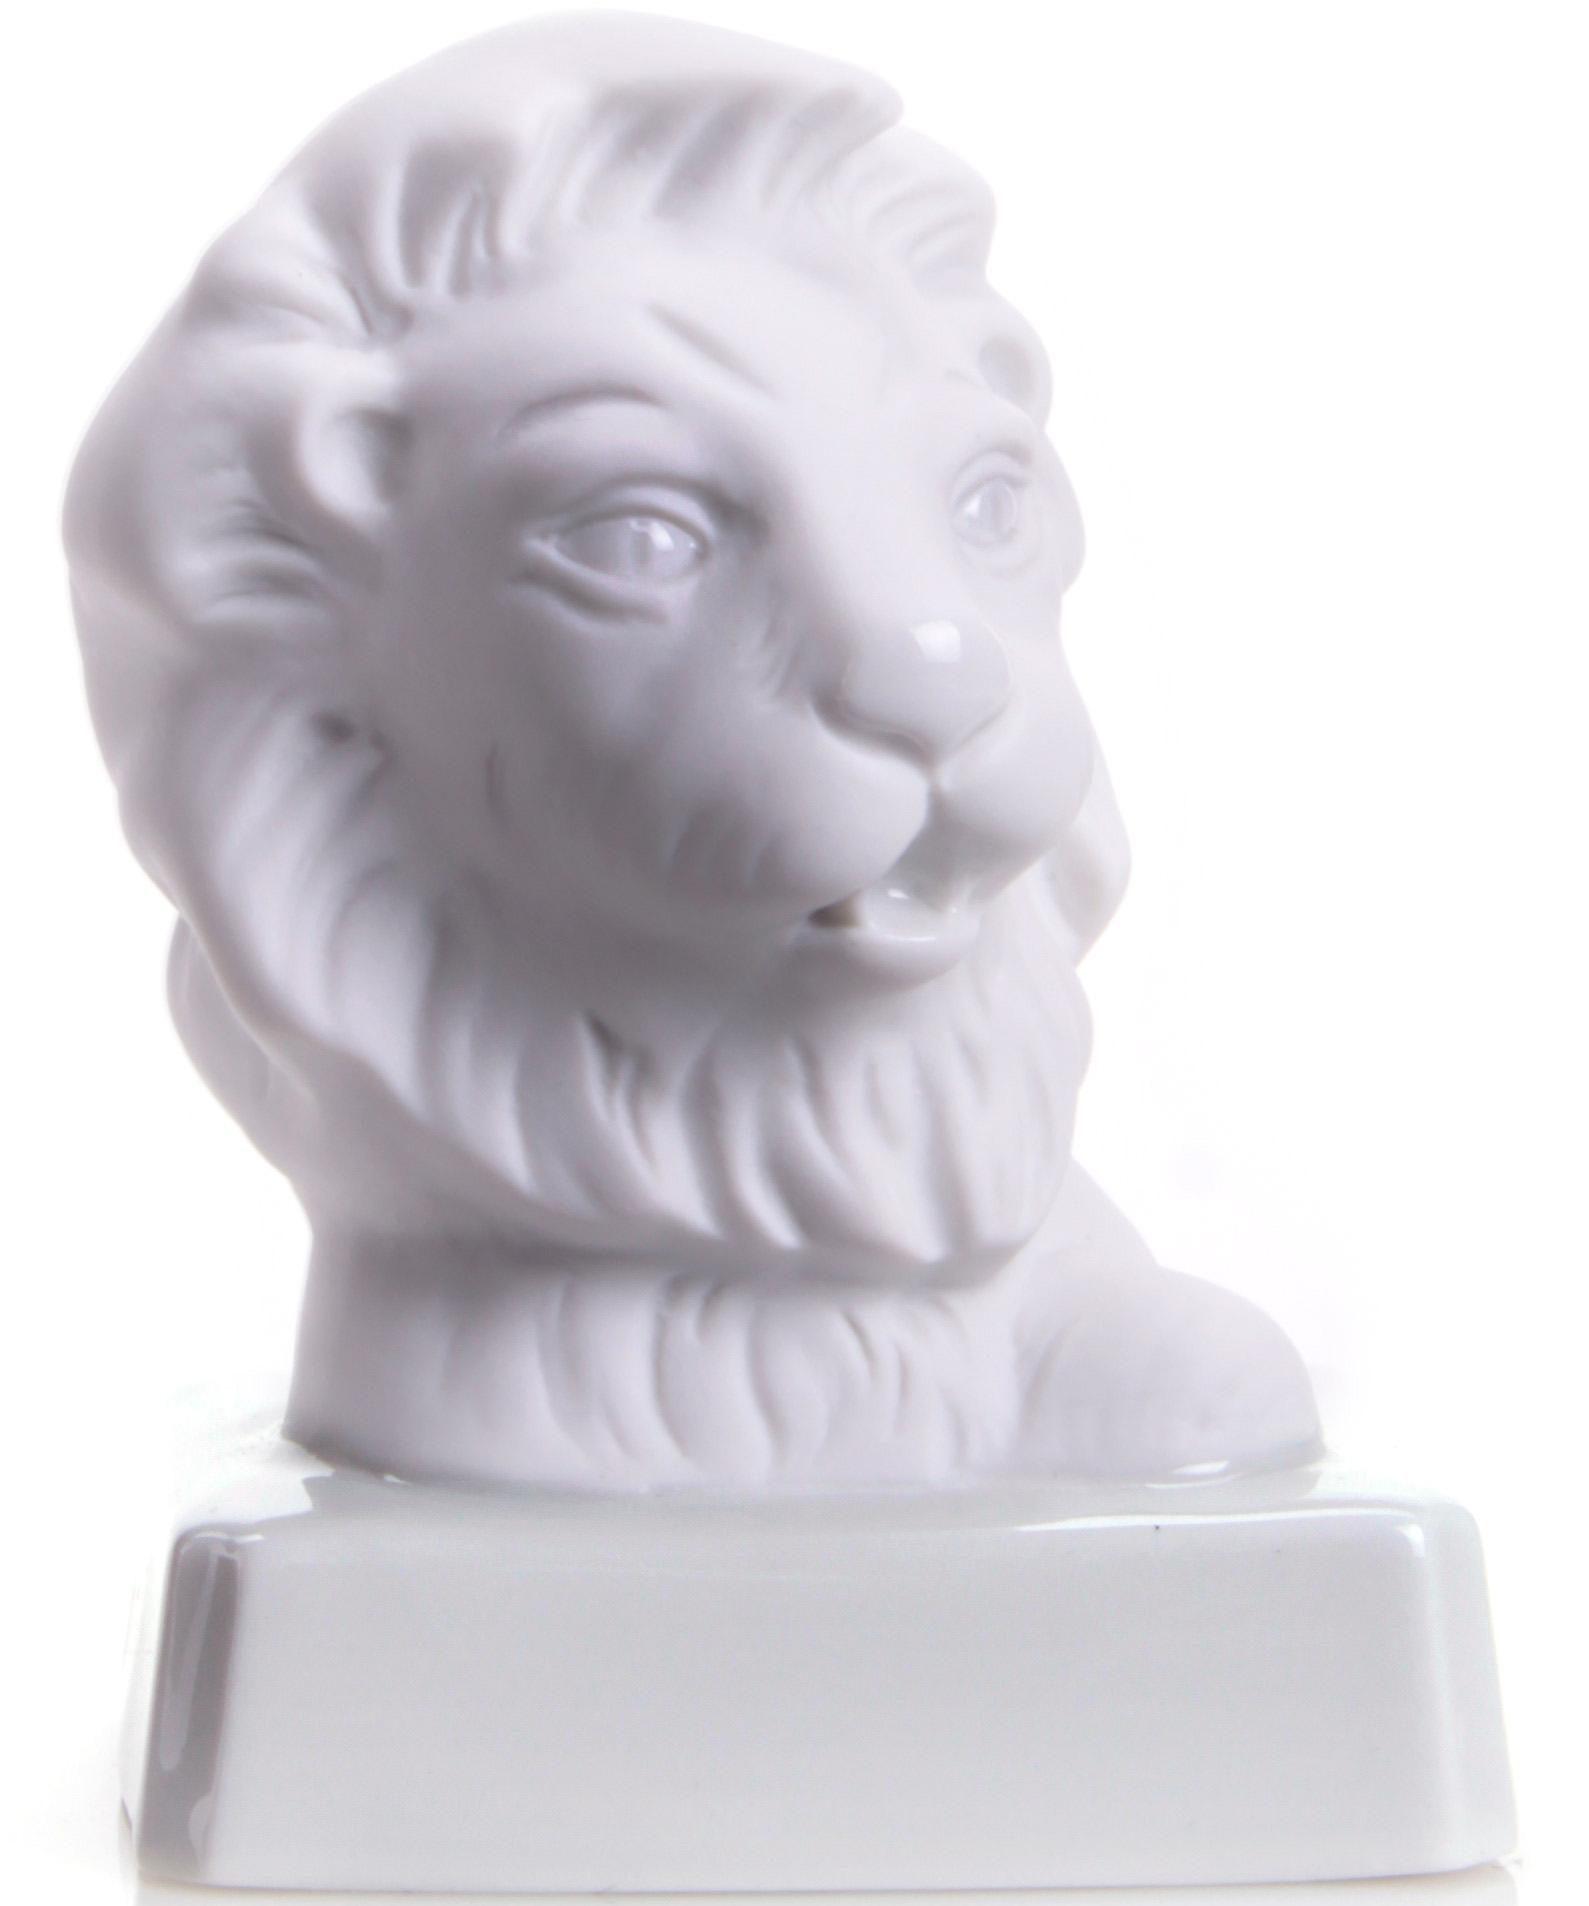 Wagner & Apel Sternzeichen-Figur »Löwe« aus Porzellan